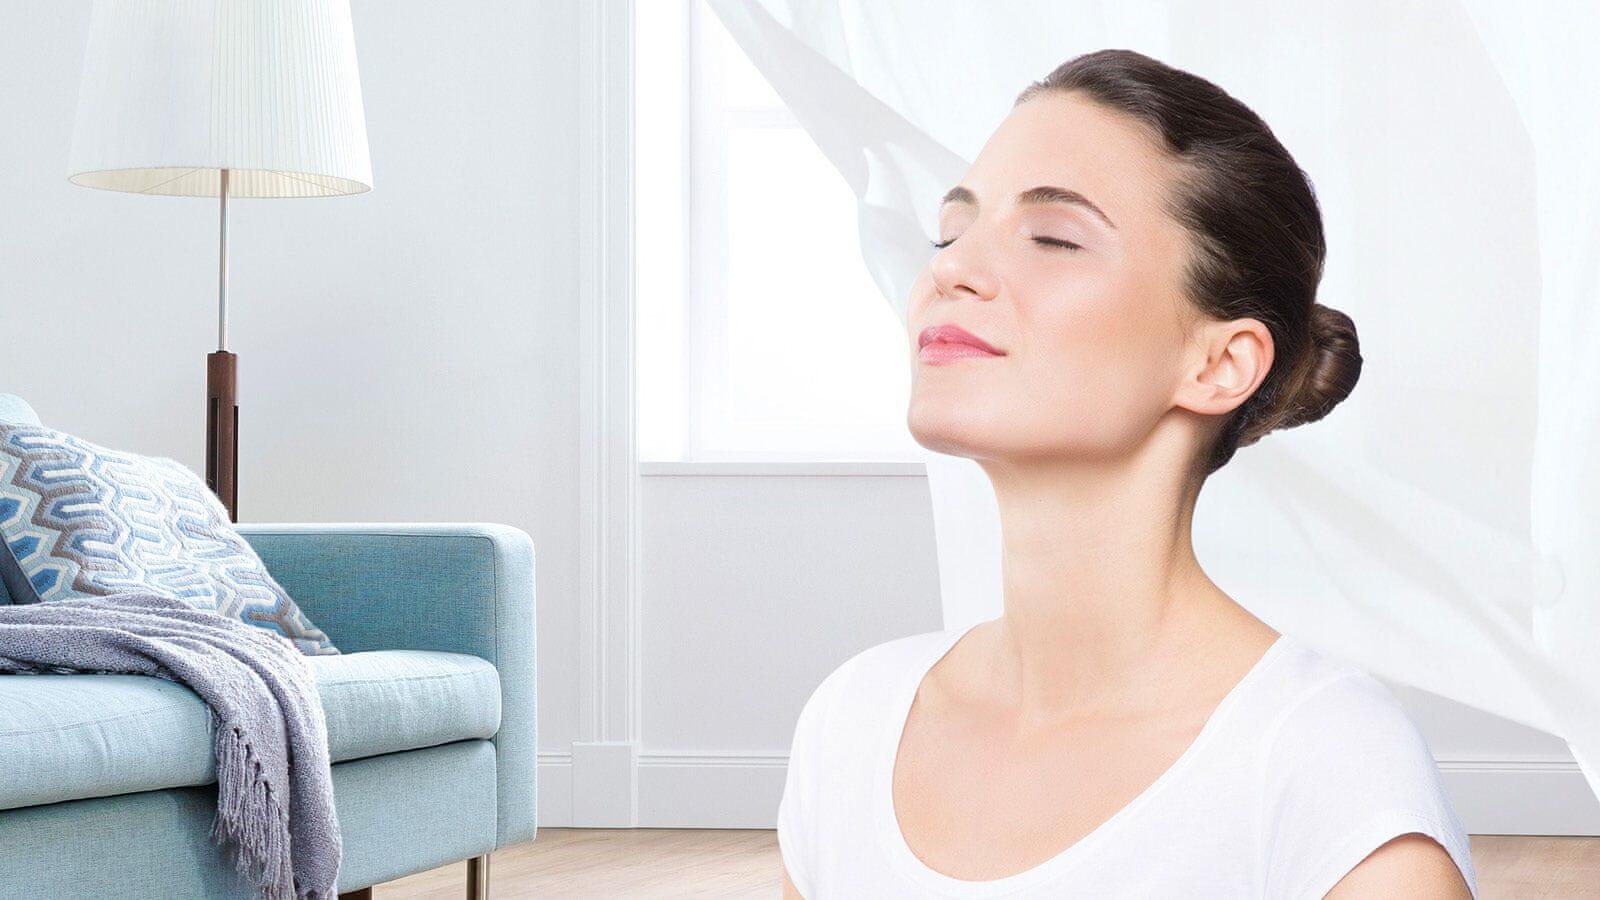 Izpušni zrak bo čistejši od zraka v vašem domu.